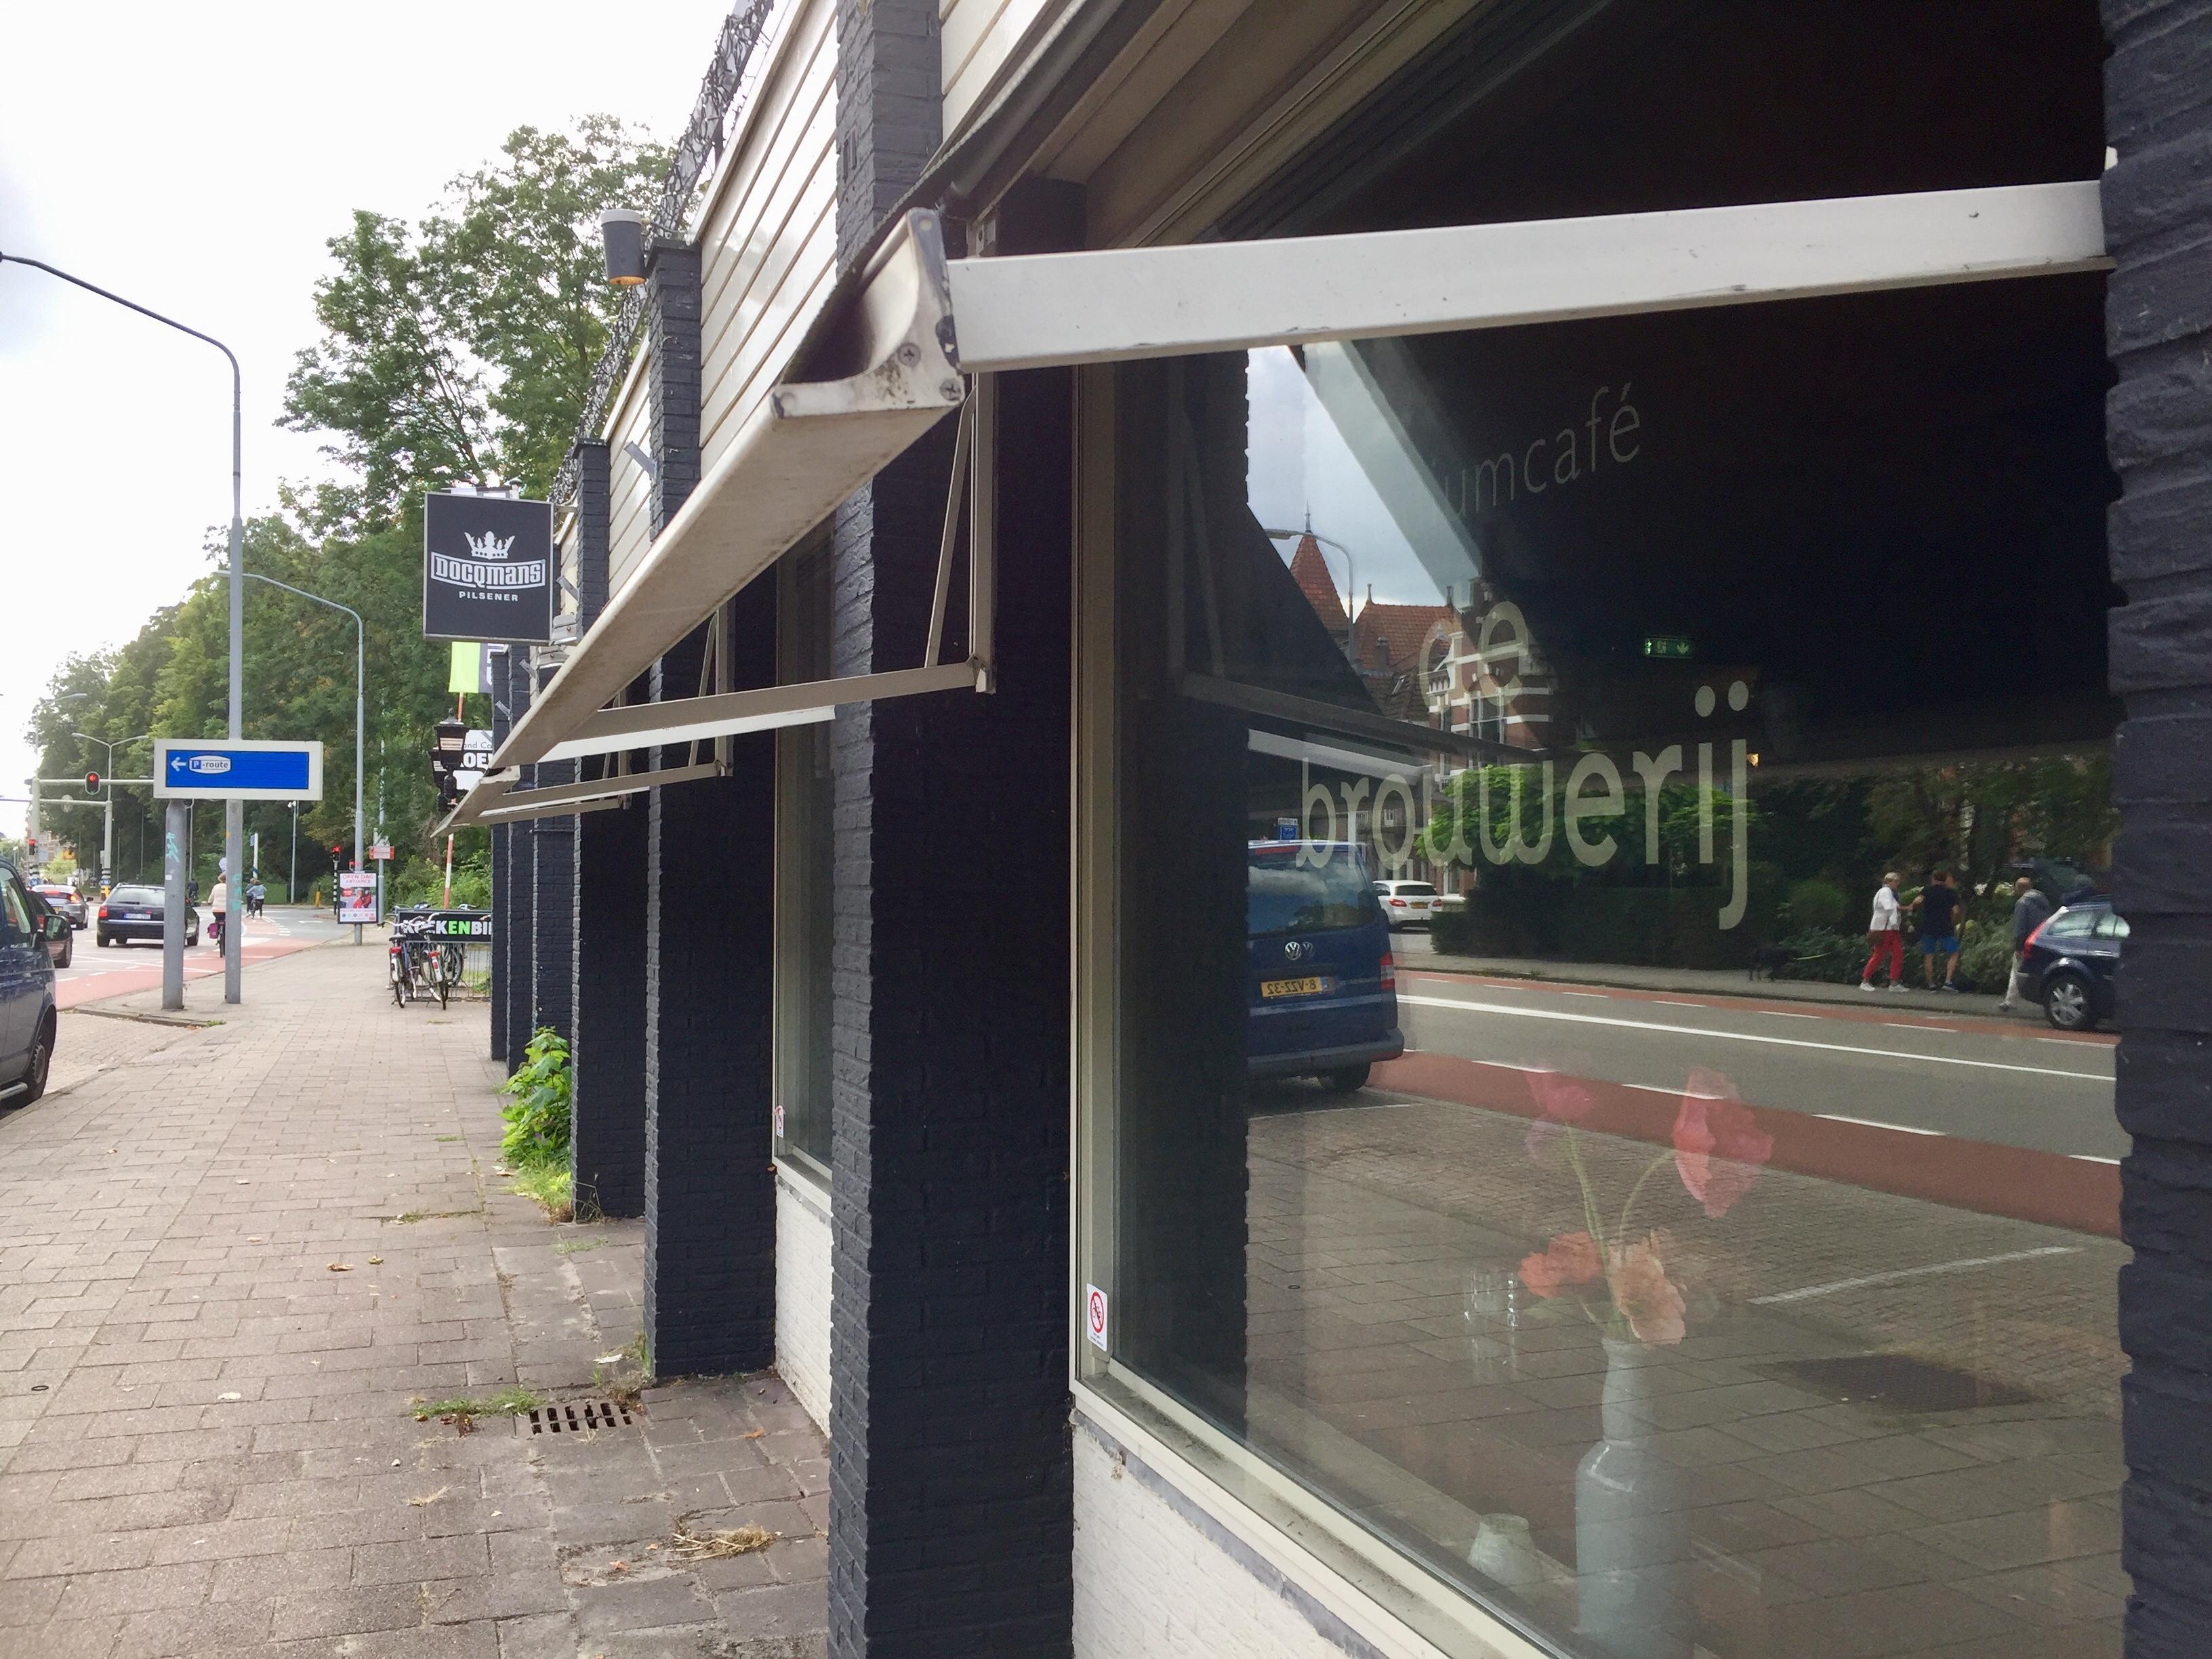 Podiumcafé Brouwerij waakt voor nomadisch bestaan nu onderdak bij Koekenbier wegvalt